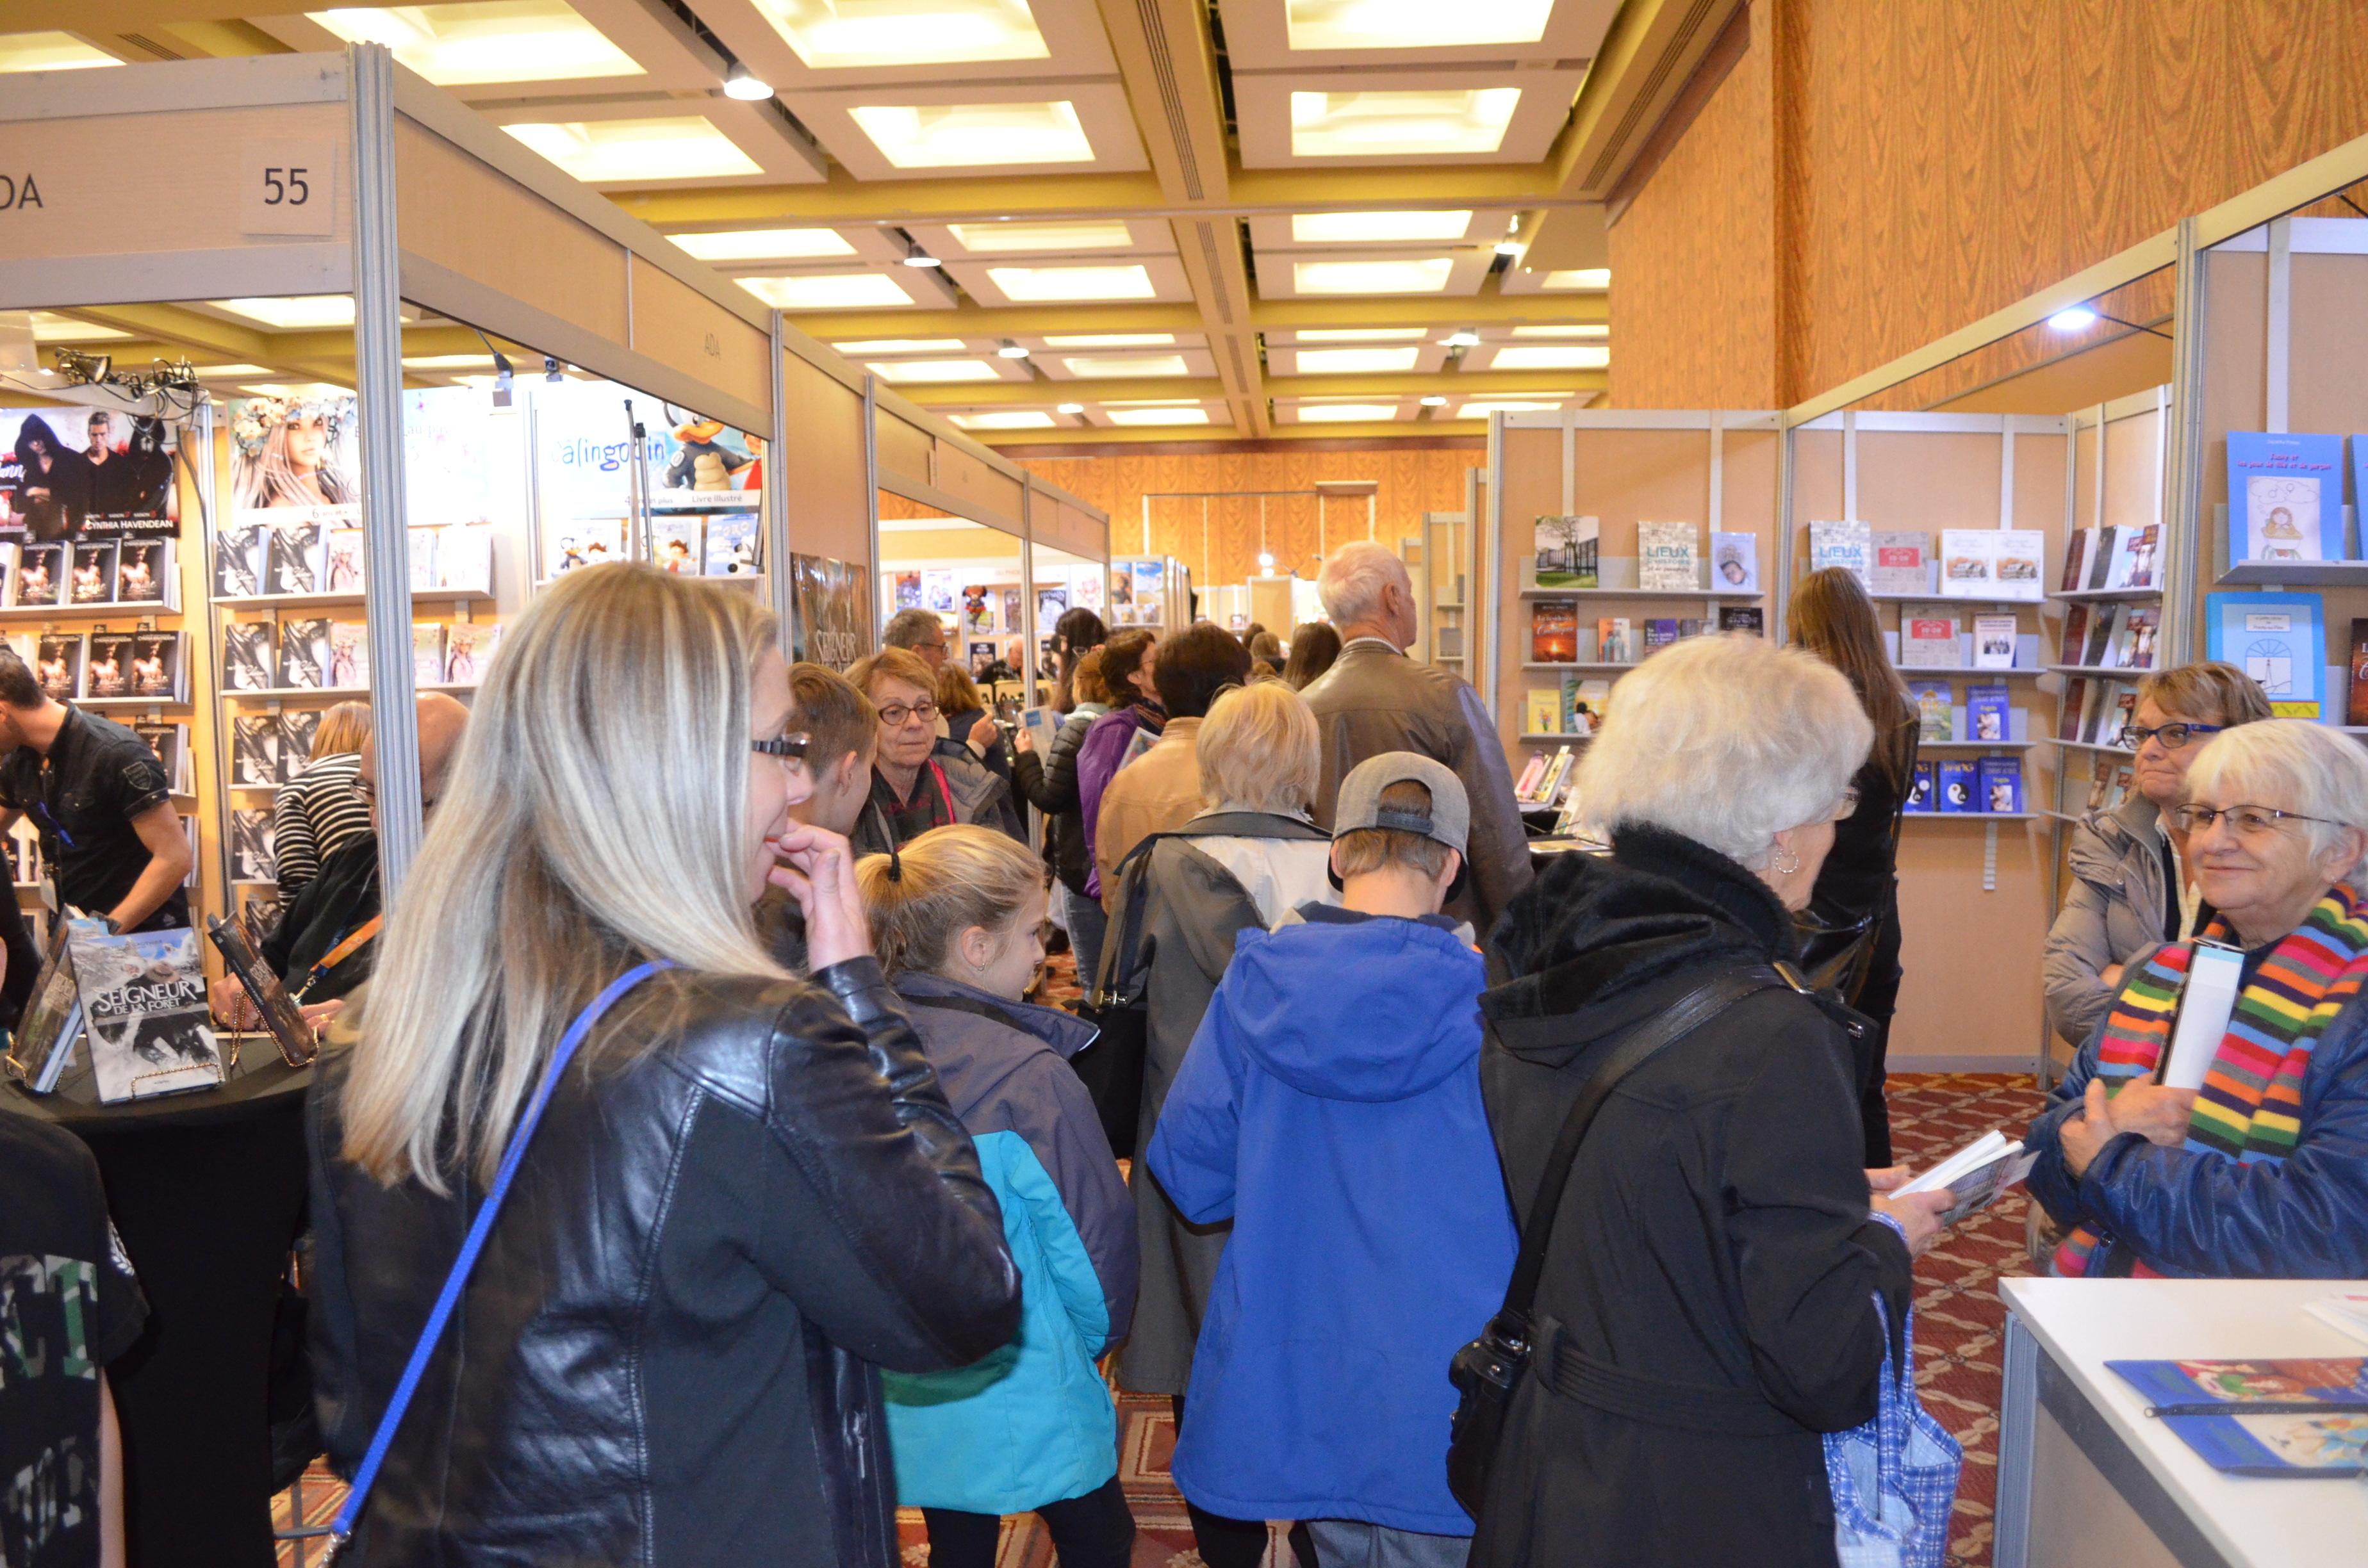 L'édition 2020 du Salon du livre de Rimouski ne pourra avoir lieu sous la forme classique ou traditionnelle